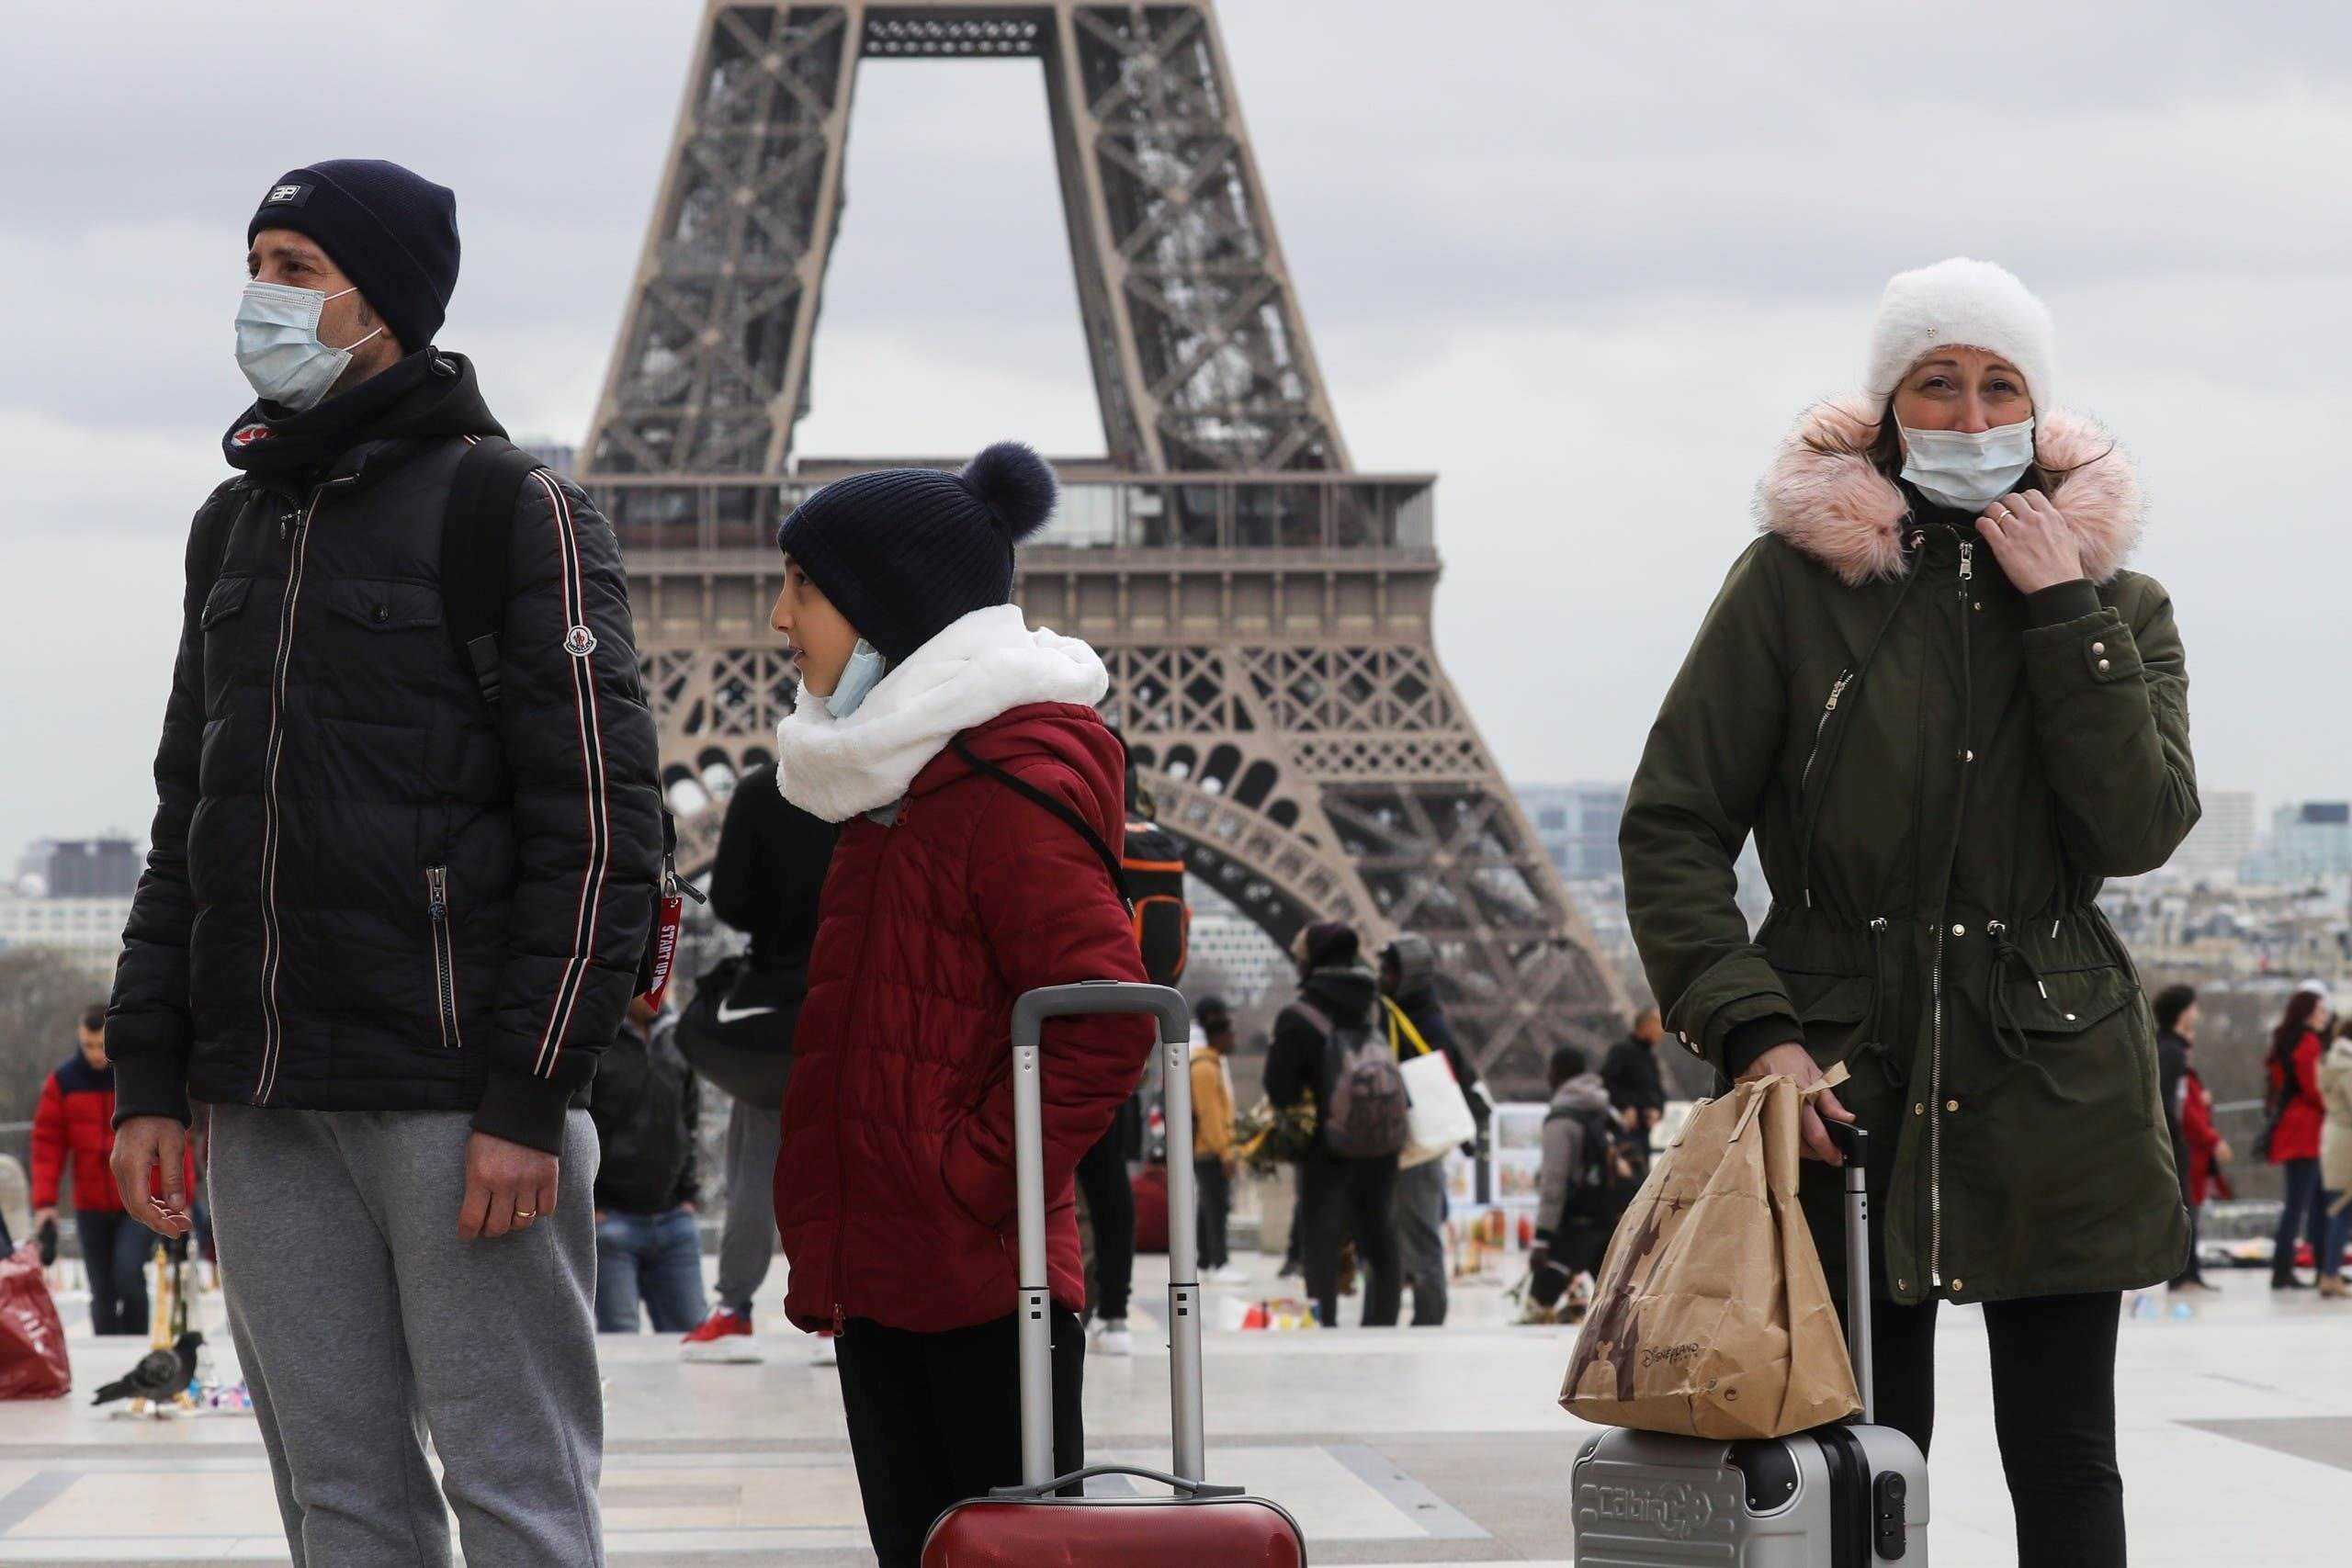 يمكن أن يتراجع الاقتصاد في فرنسا بنسبة 10,6% هذه السنة ثم ينتعش ليصل إلى 7,6% العام التالي